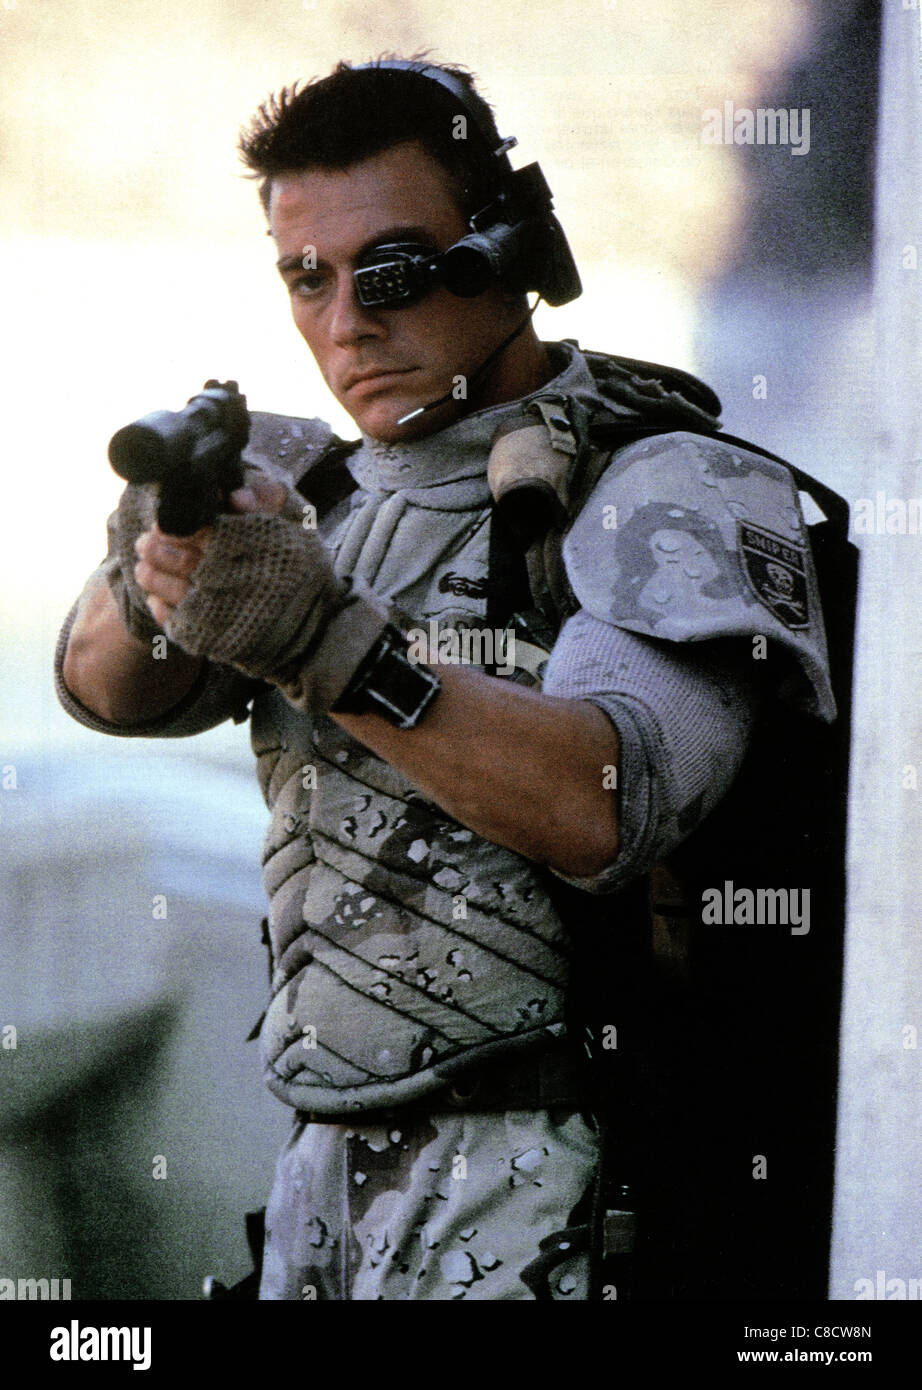 JEAN-CLAUDE VAN DAMME UNIVERSAL SOLDIER (1992 Stock Photo ...